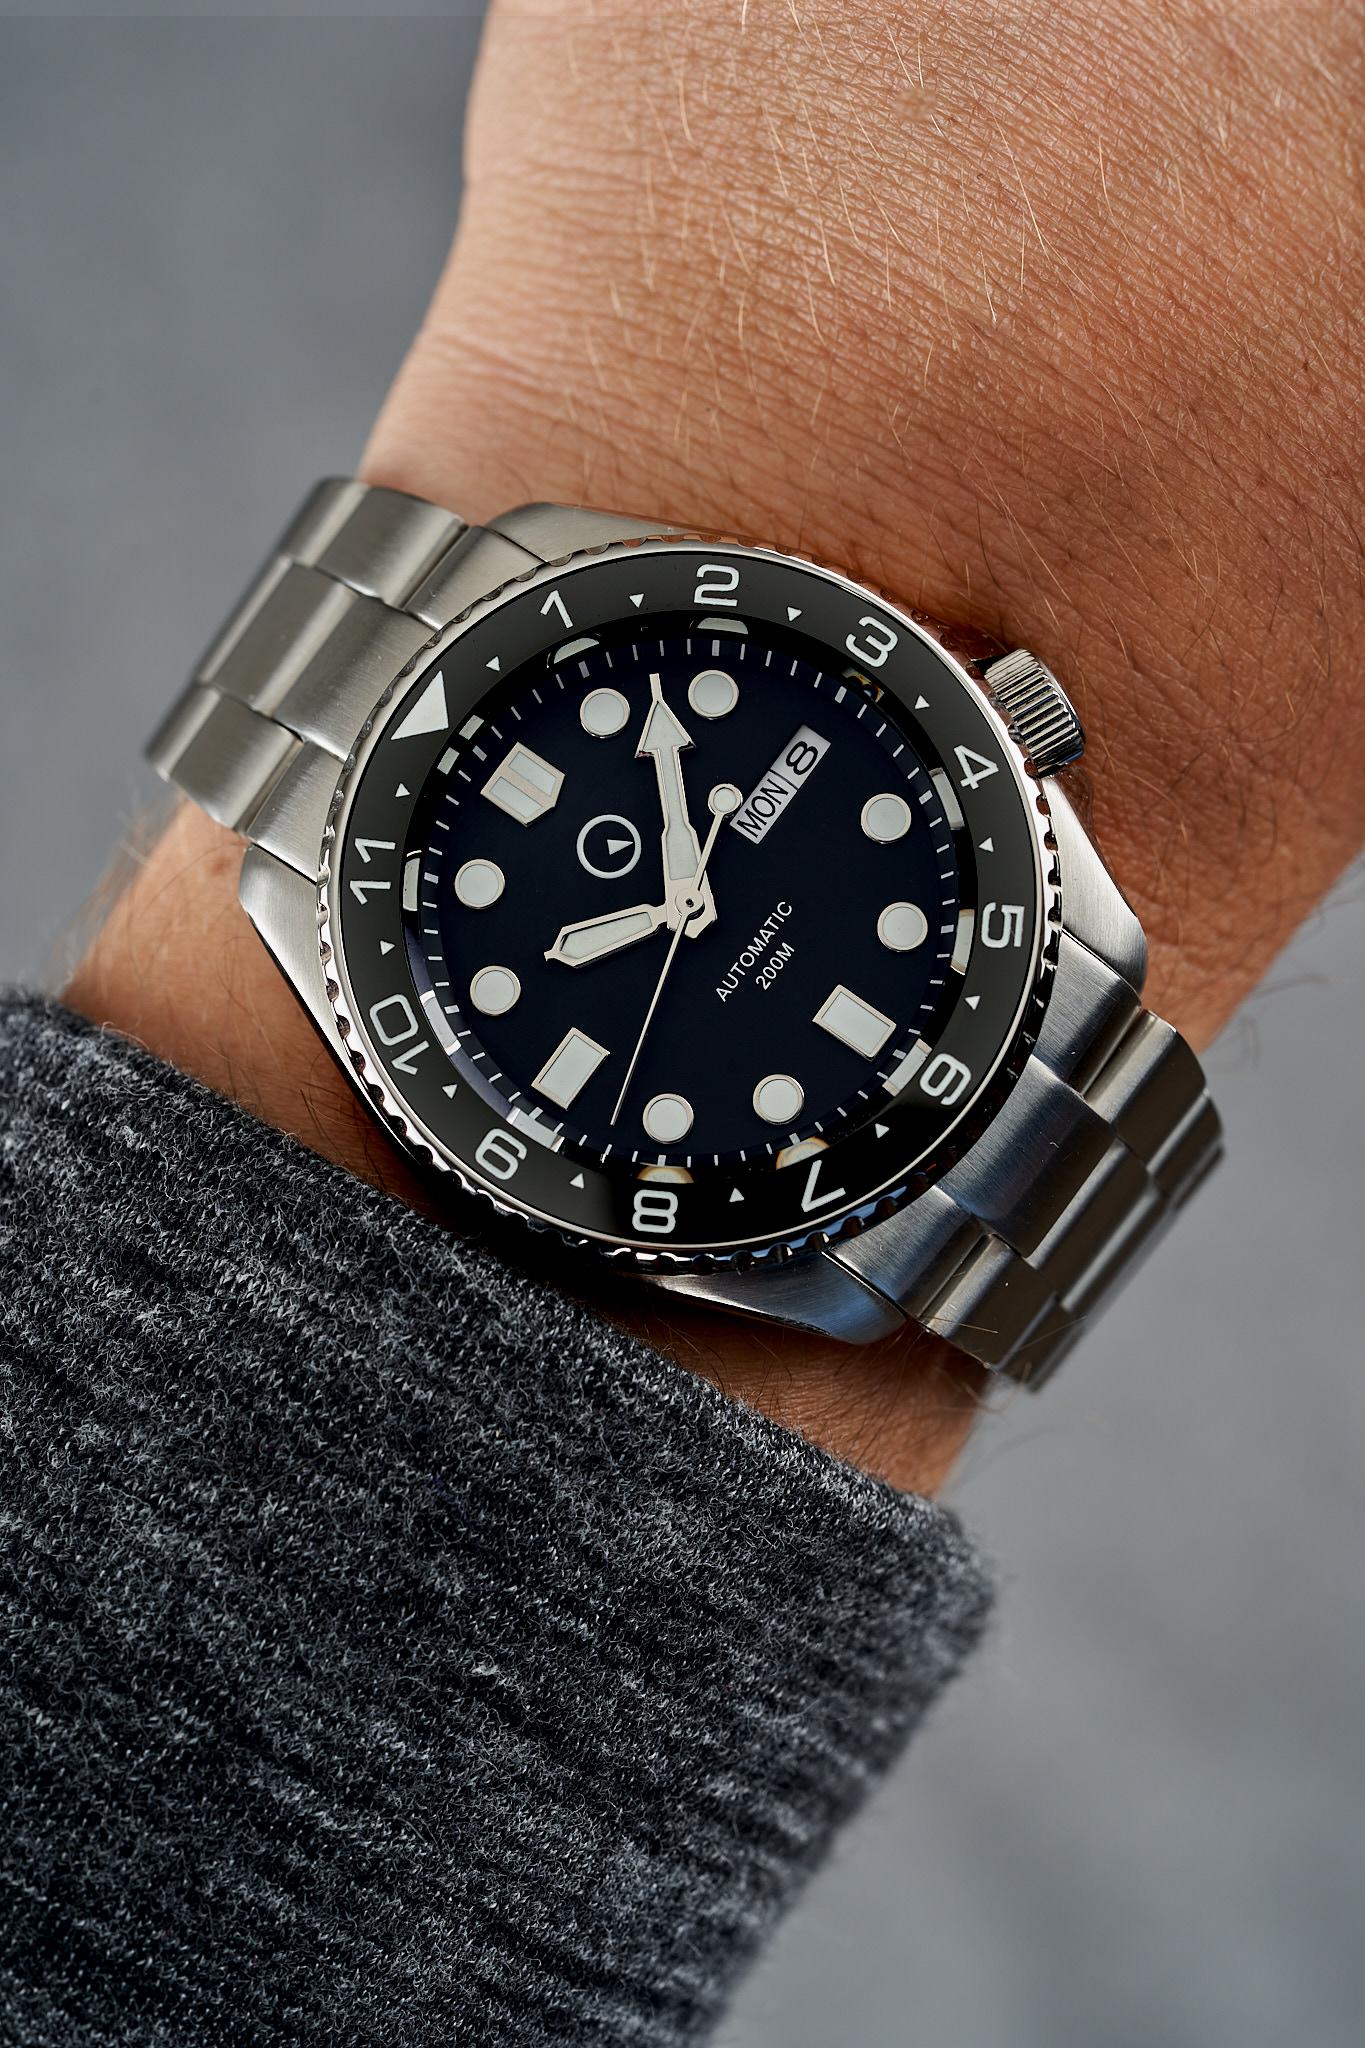 Islander-Watch-ISL-01-Long-Island-Watch-21